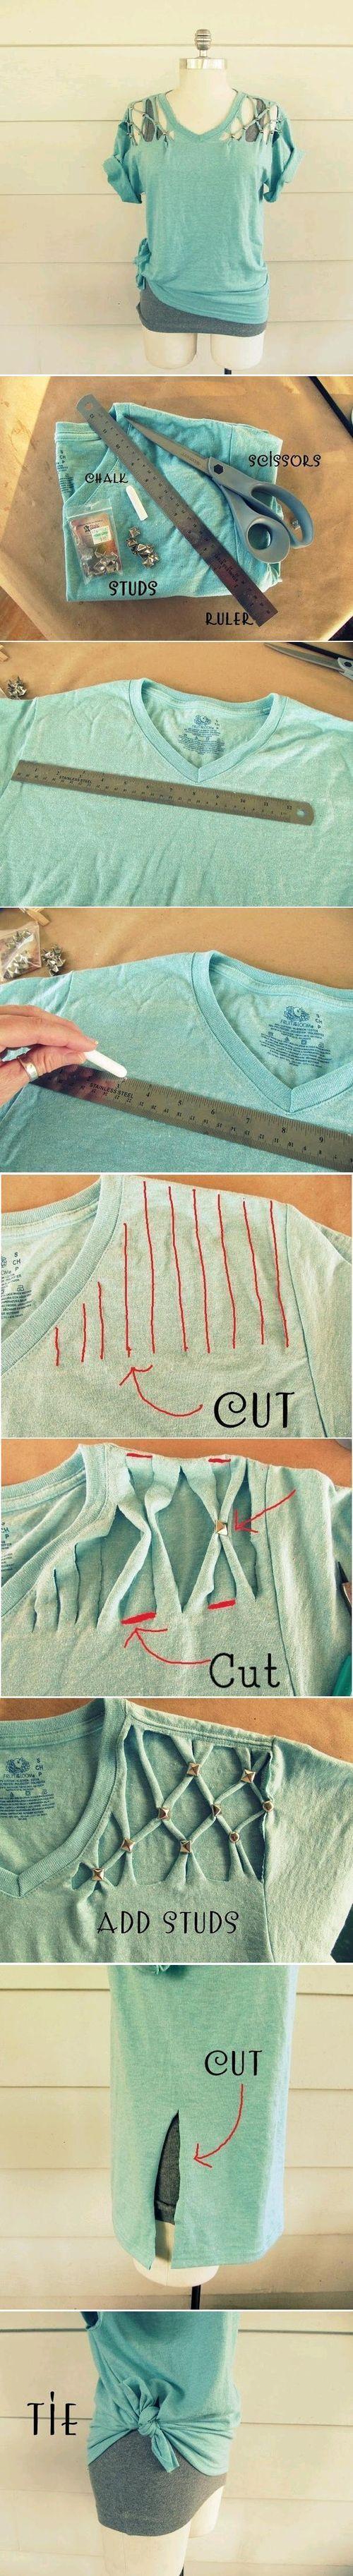 Creatief met een oud shirt!